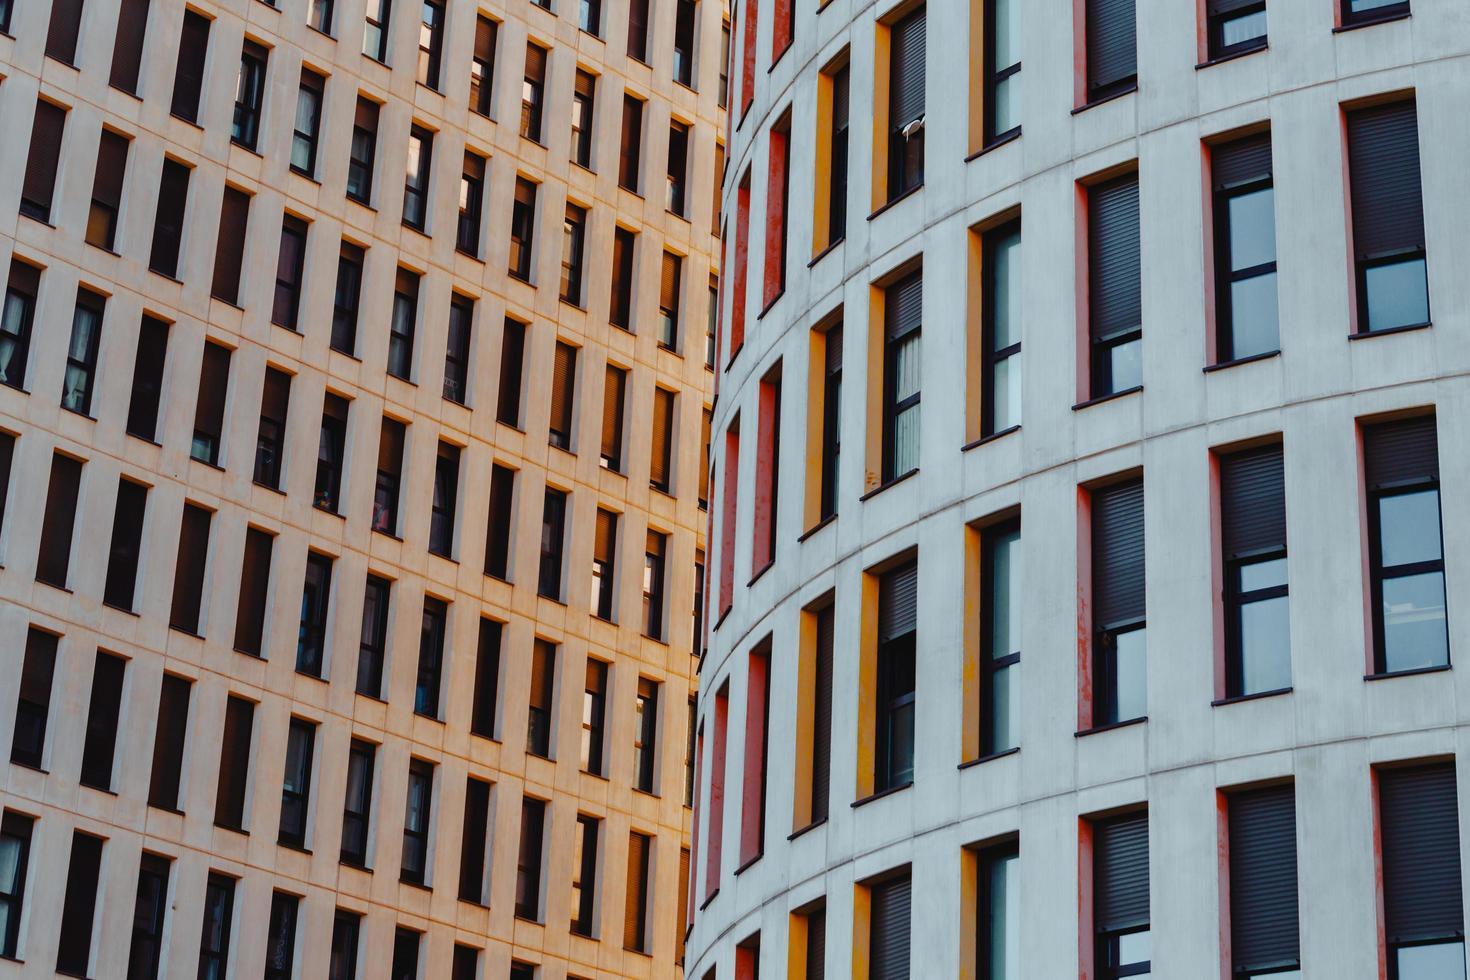 bâtiments dans une ville au coucher du soleil photo